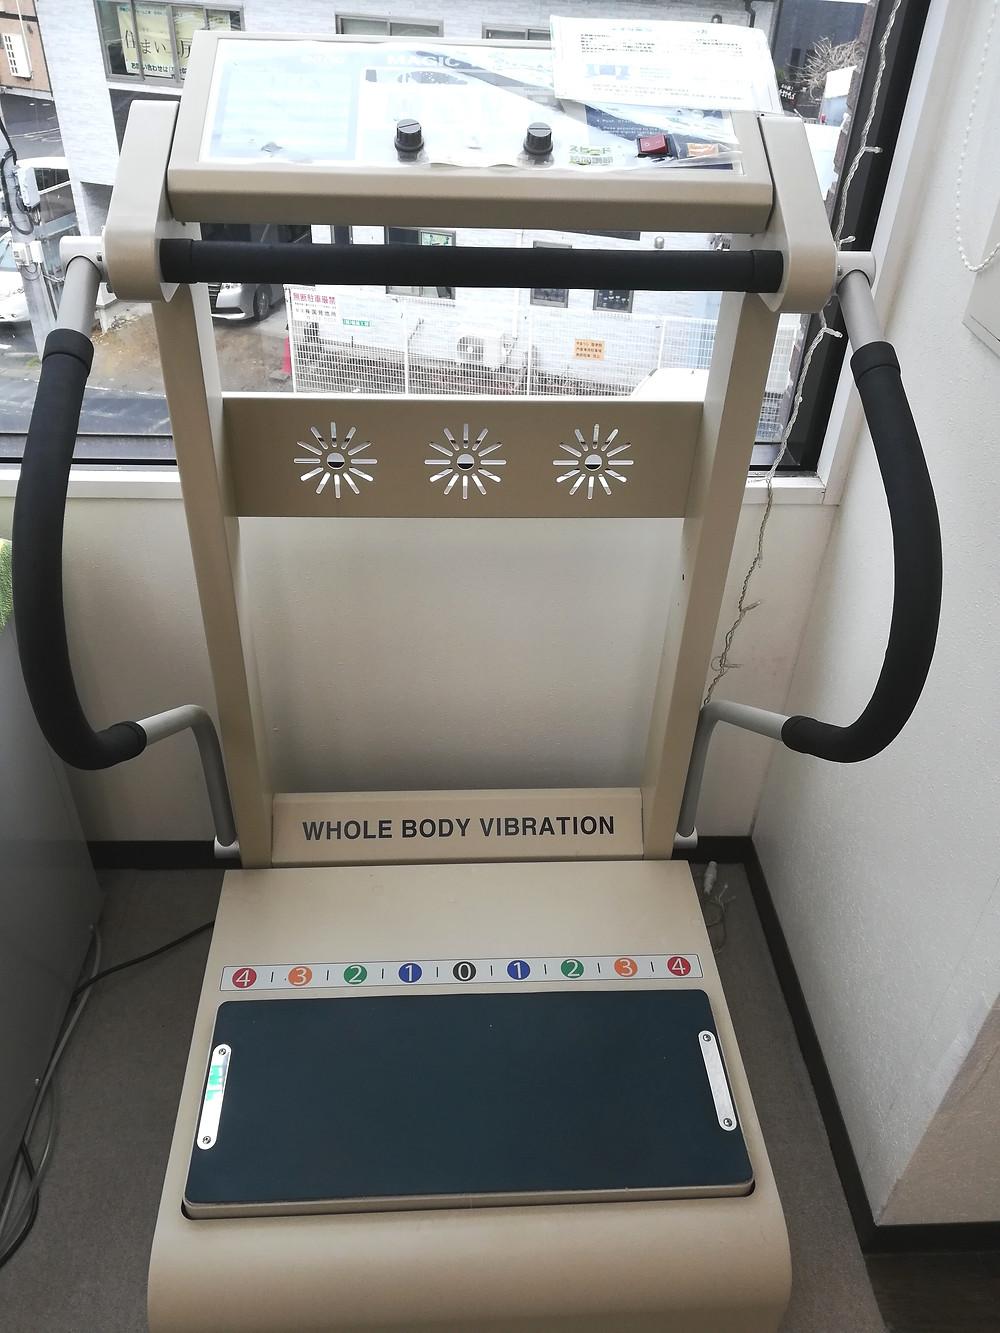 やまうら整骨院 仙台市青葉区 ダイエット トレーニング リハビリ 気軽にできる運動